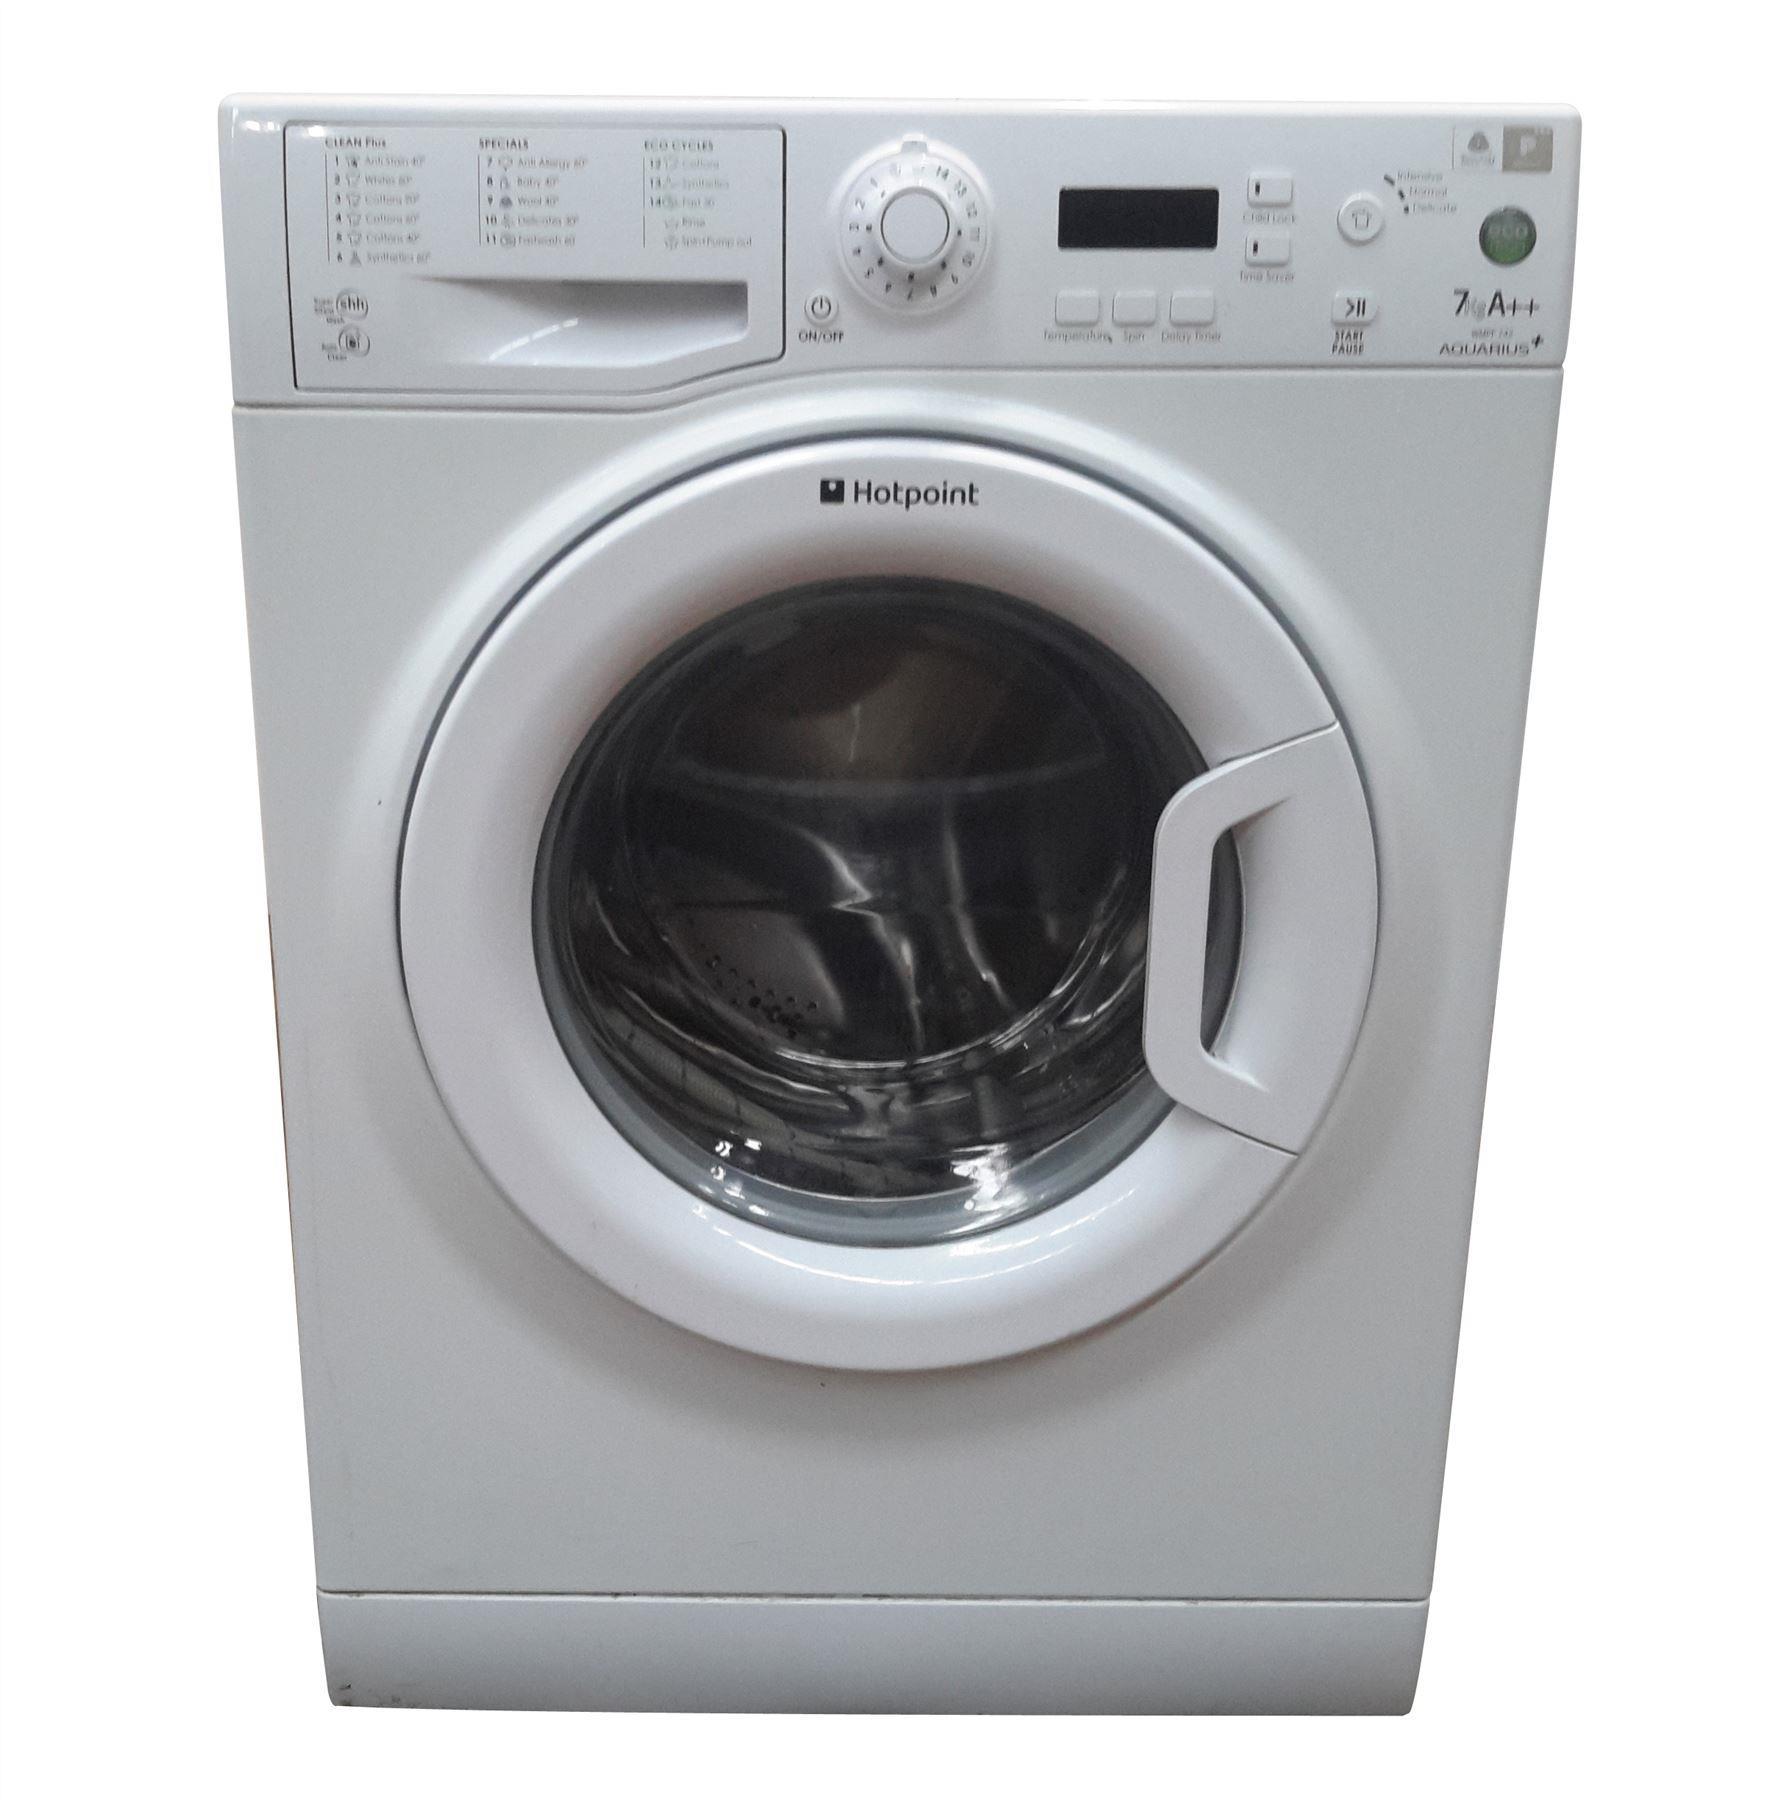 Hotpoint Wmpf742 Freestanding 7kg Capacity Washing Machine